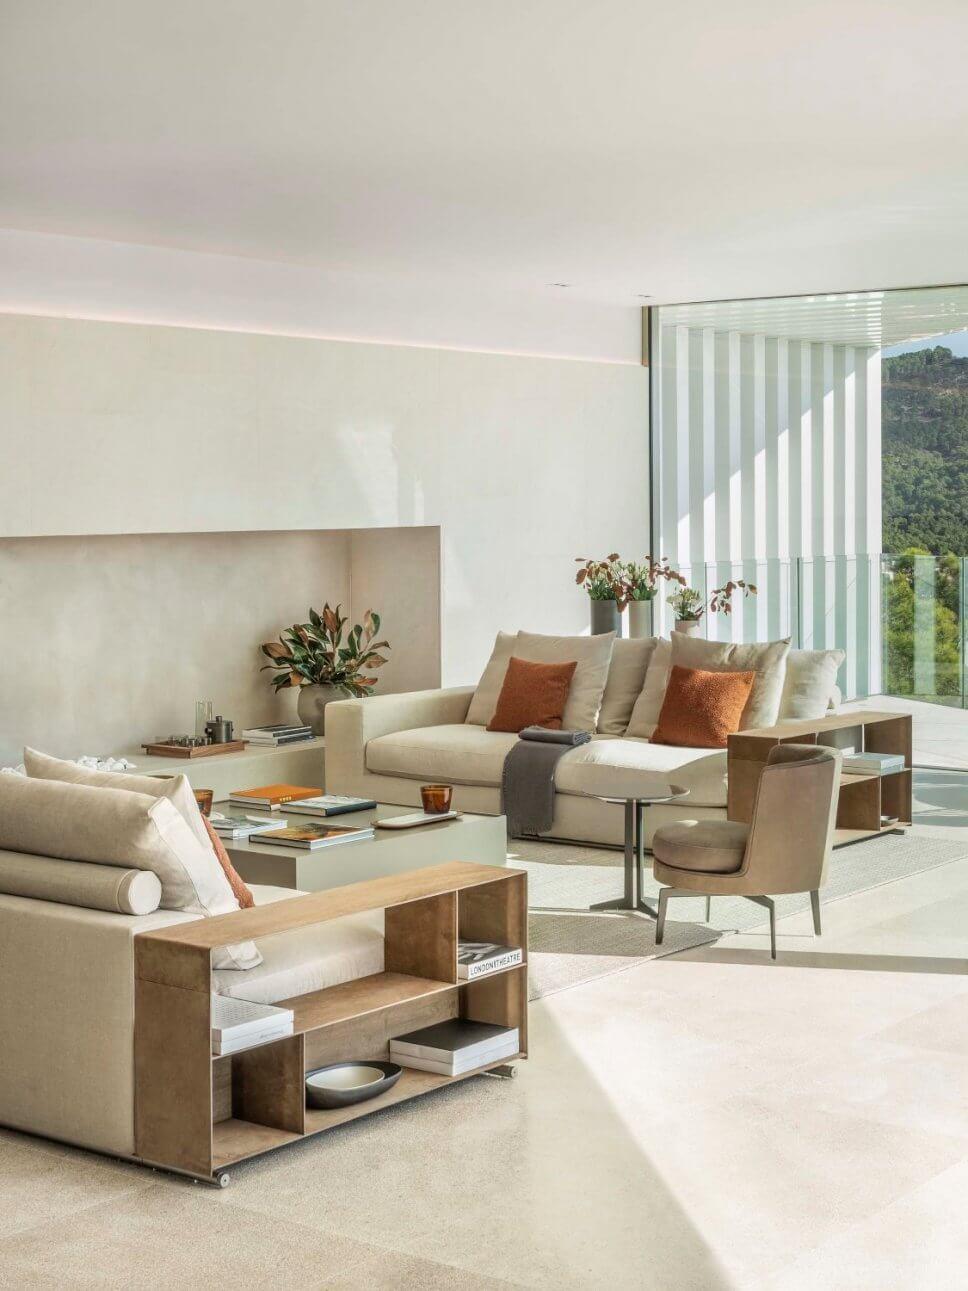 Modernes Wohnzimmer mit zwei Sofas vi-a-vis und Sessel